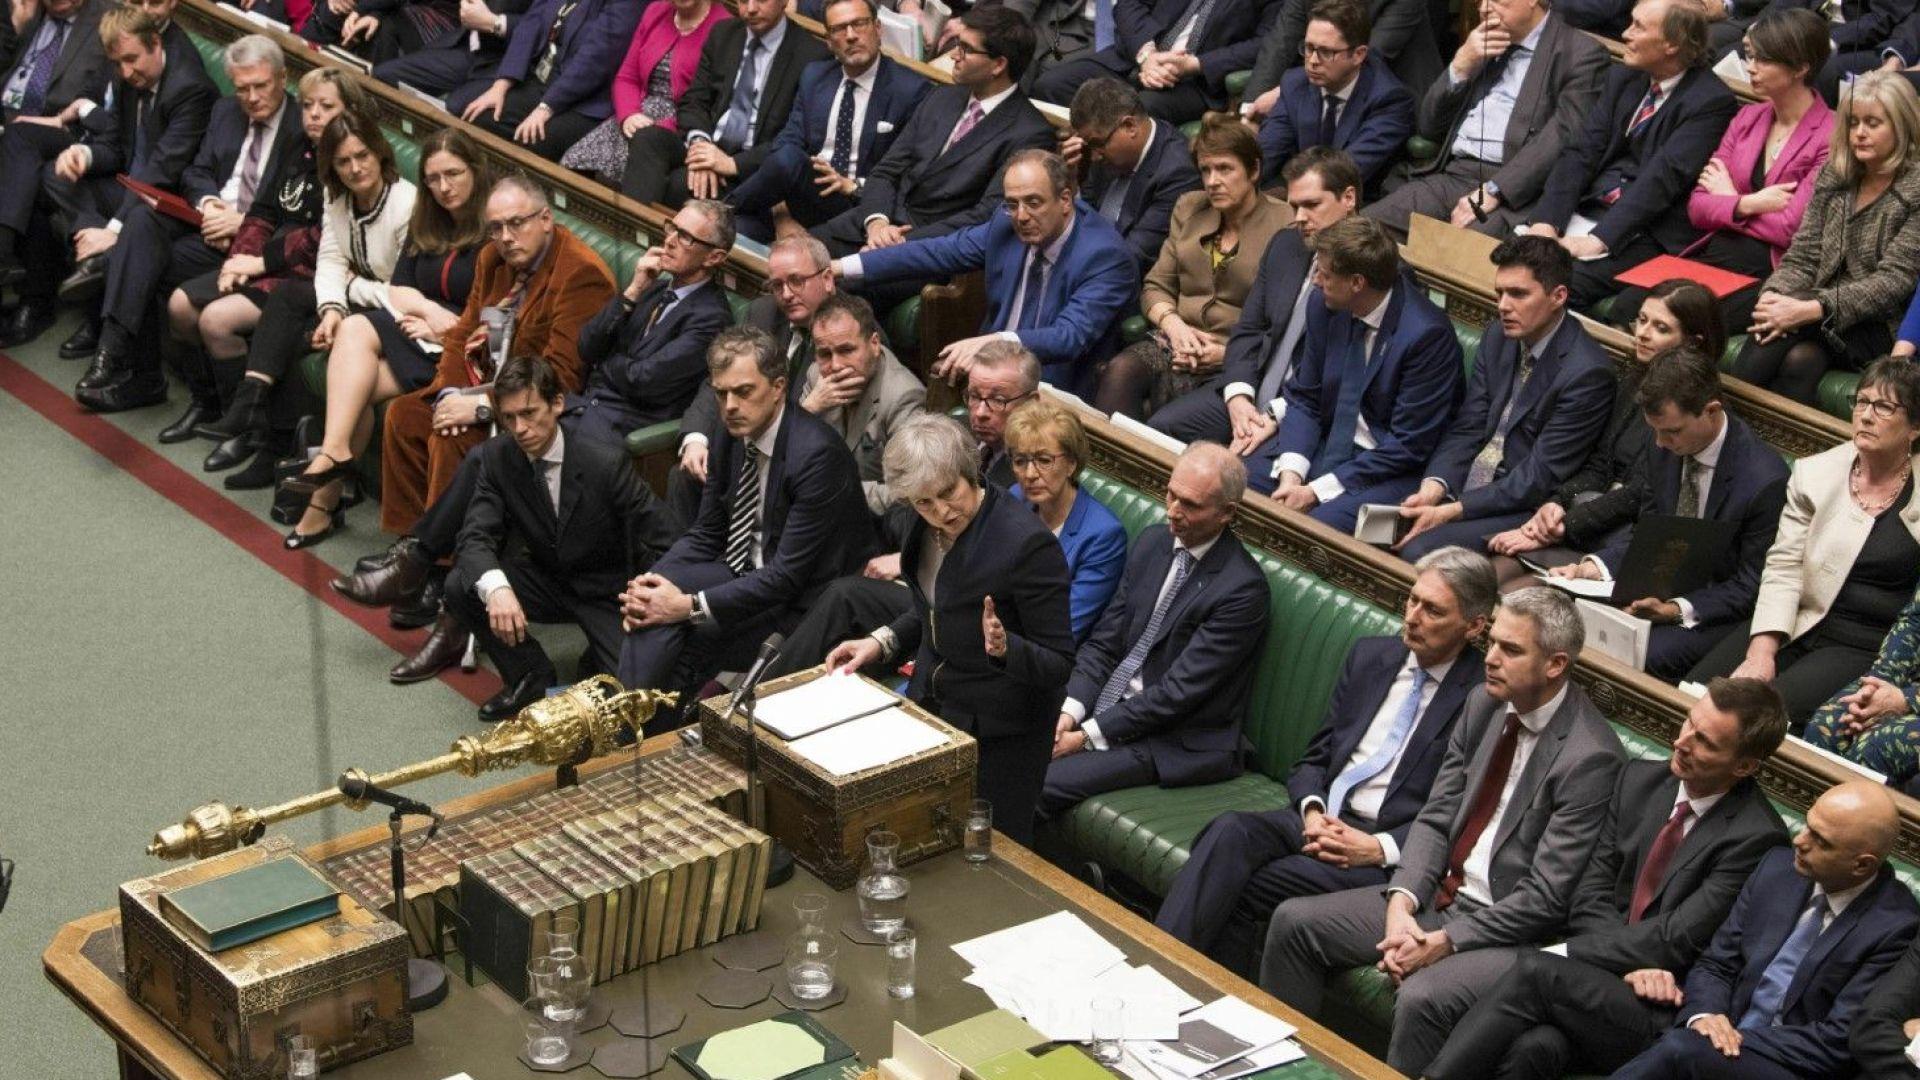 БиБиСи: Петте варианта за Лондон след историческото поражение на Тереза Мей